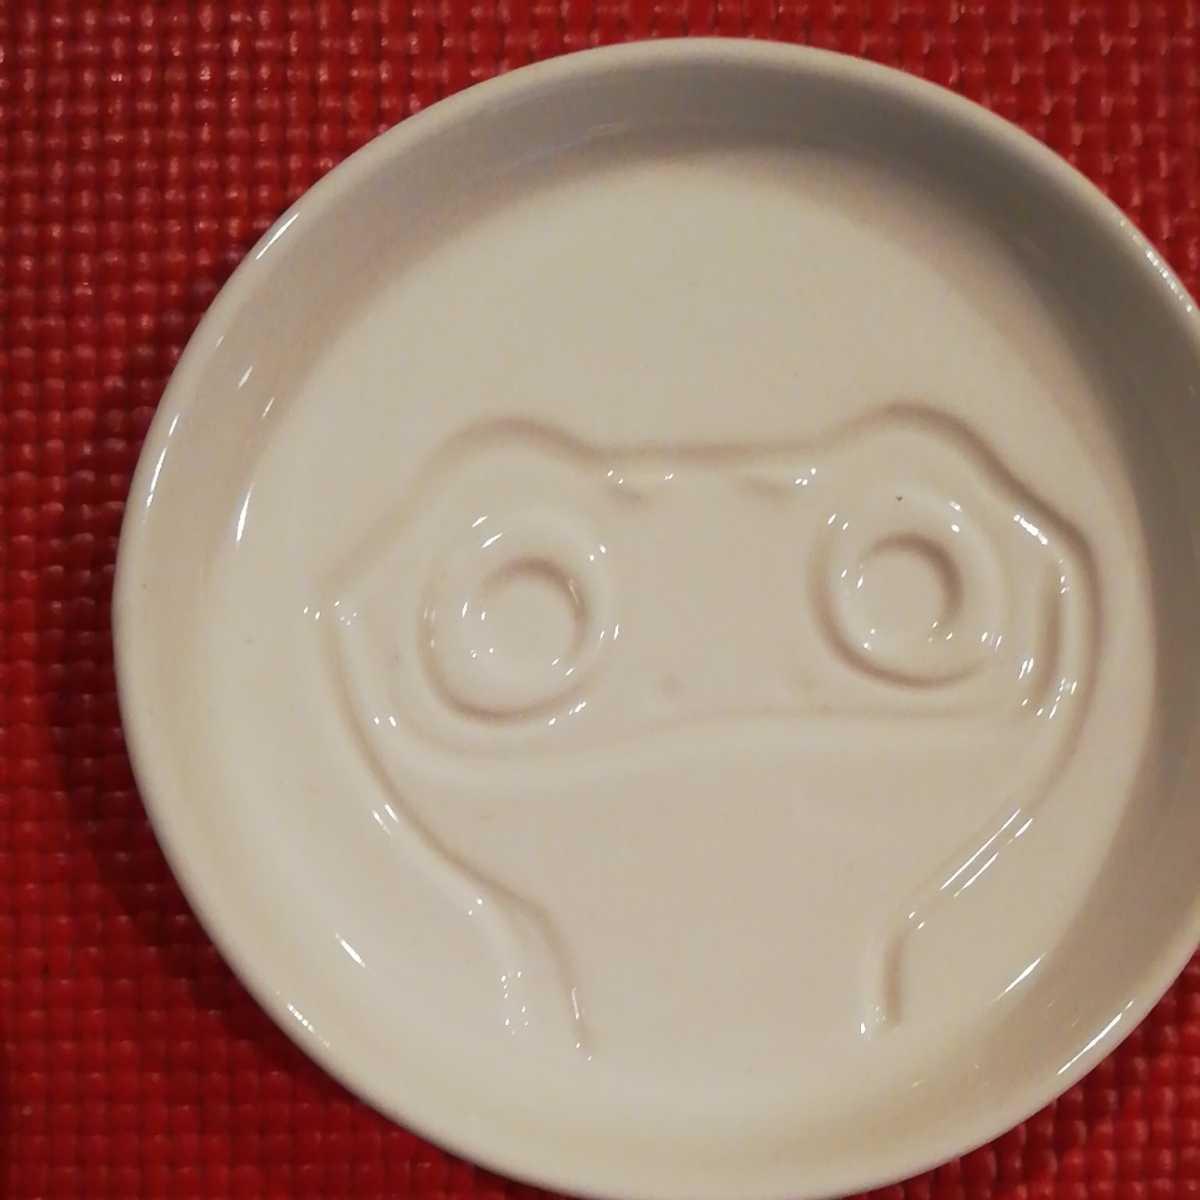 新品アナと雪の女王Ⅱ絵柄が浮き出る醤油皿2枚セット★しょうゆ小皿アナ雪エルサdisneyサラマンダーfrozenディズニーしょう油_画像4